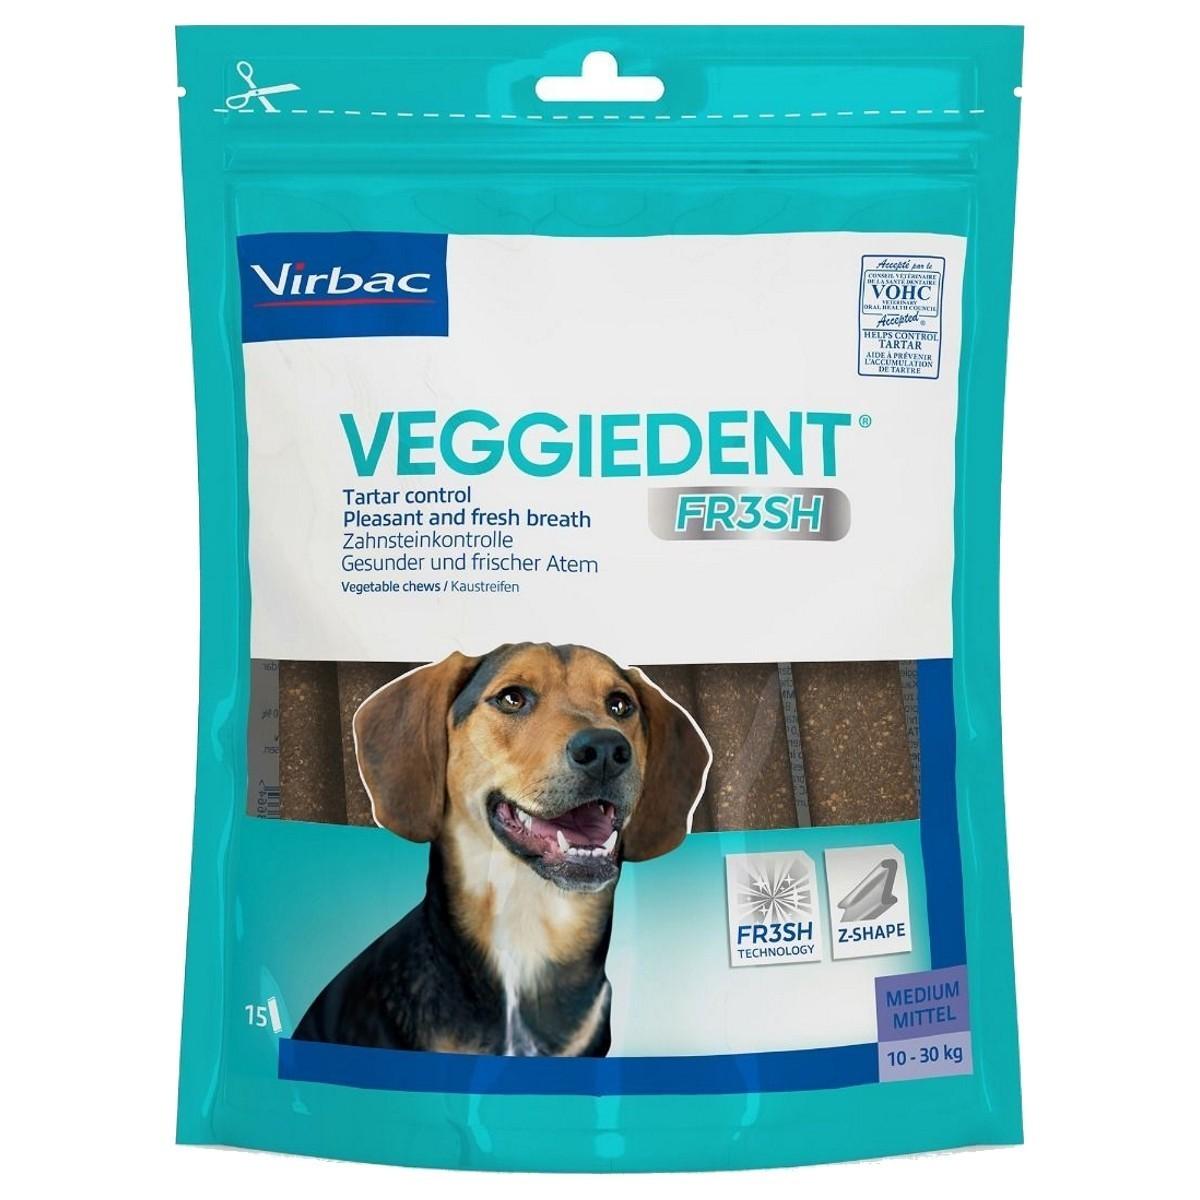 Veggiedent Fr3sh M, batoane masticabile pentru igiena orala pentru caini de talie medie (10-30 kg) - 15 buc